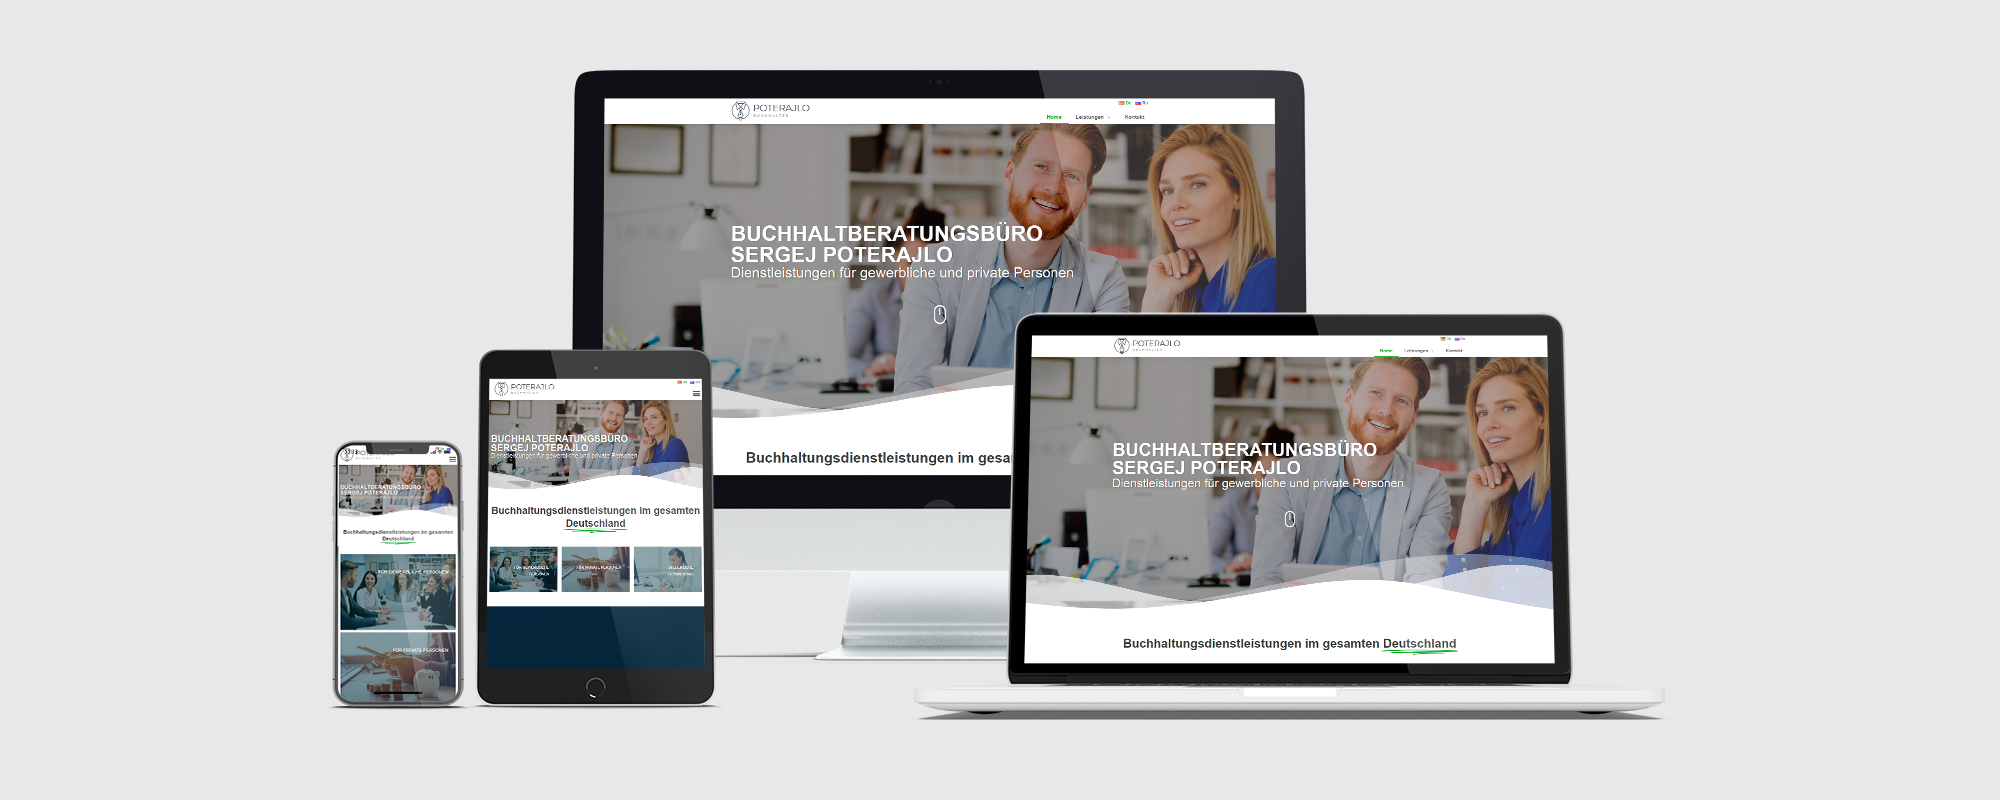 Webseitentwicklung für Buchhaltberatungsbüro